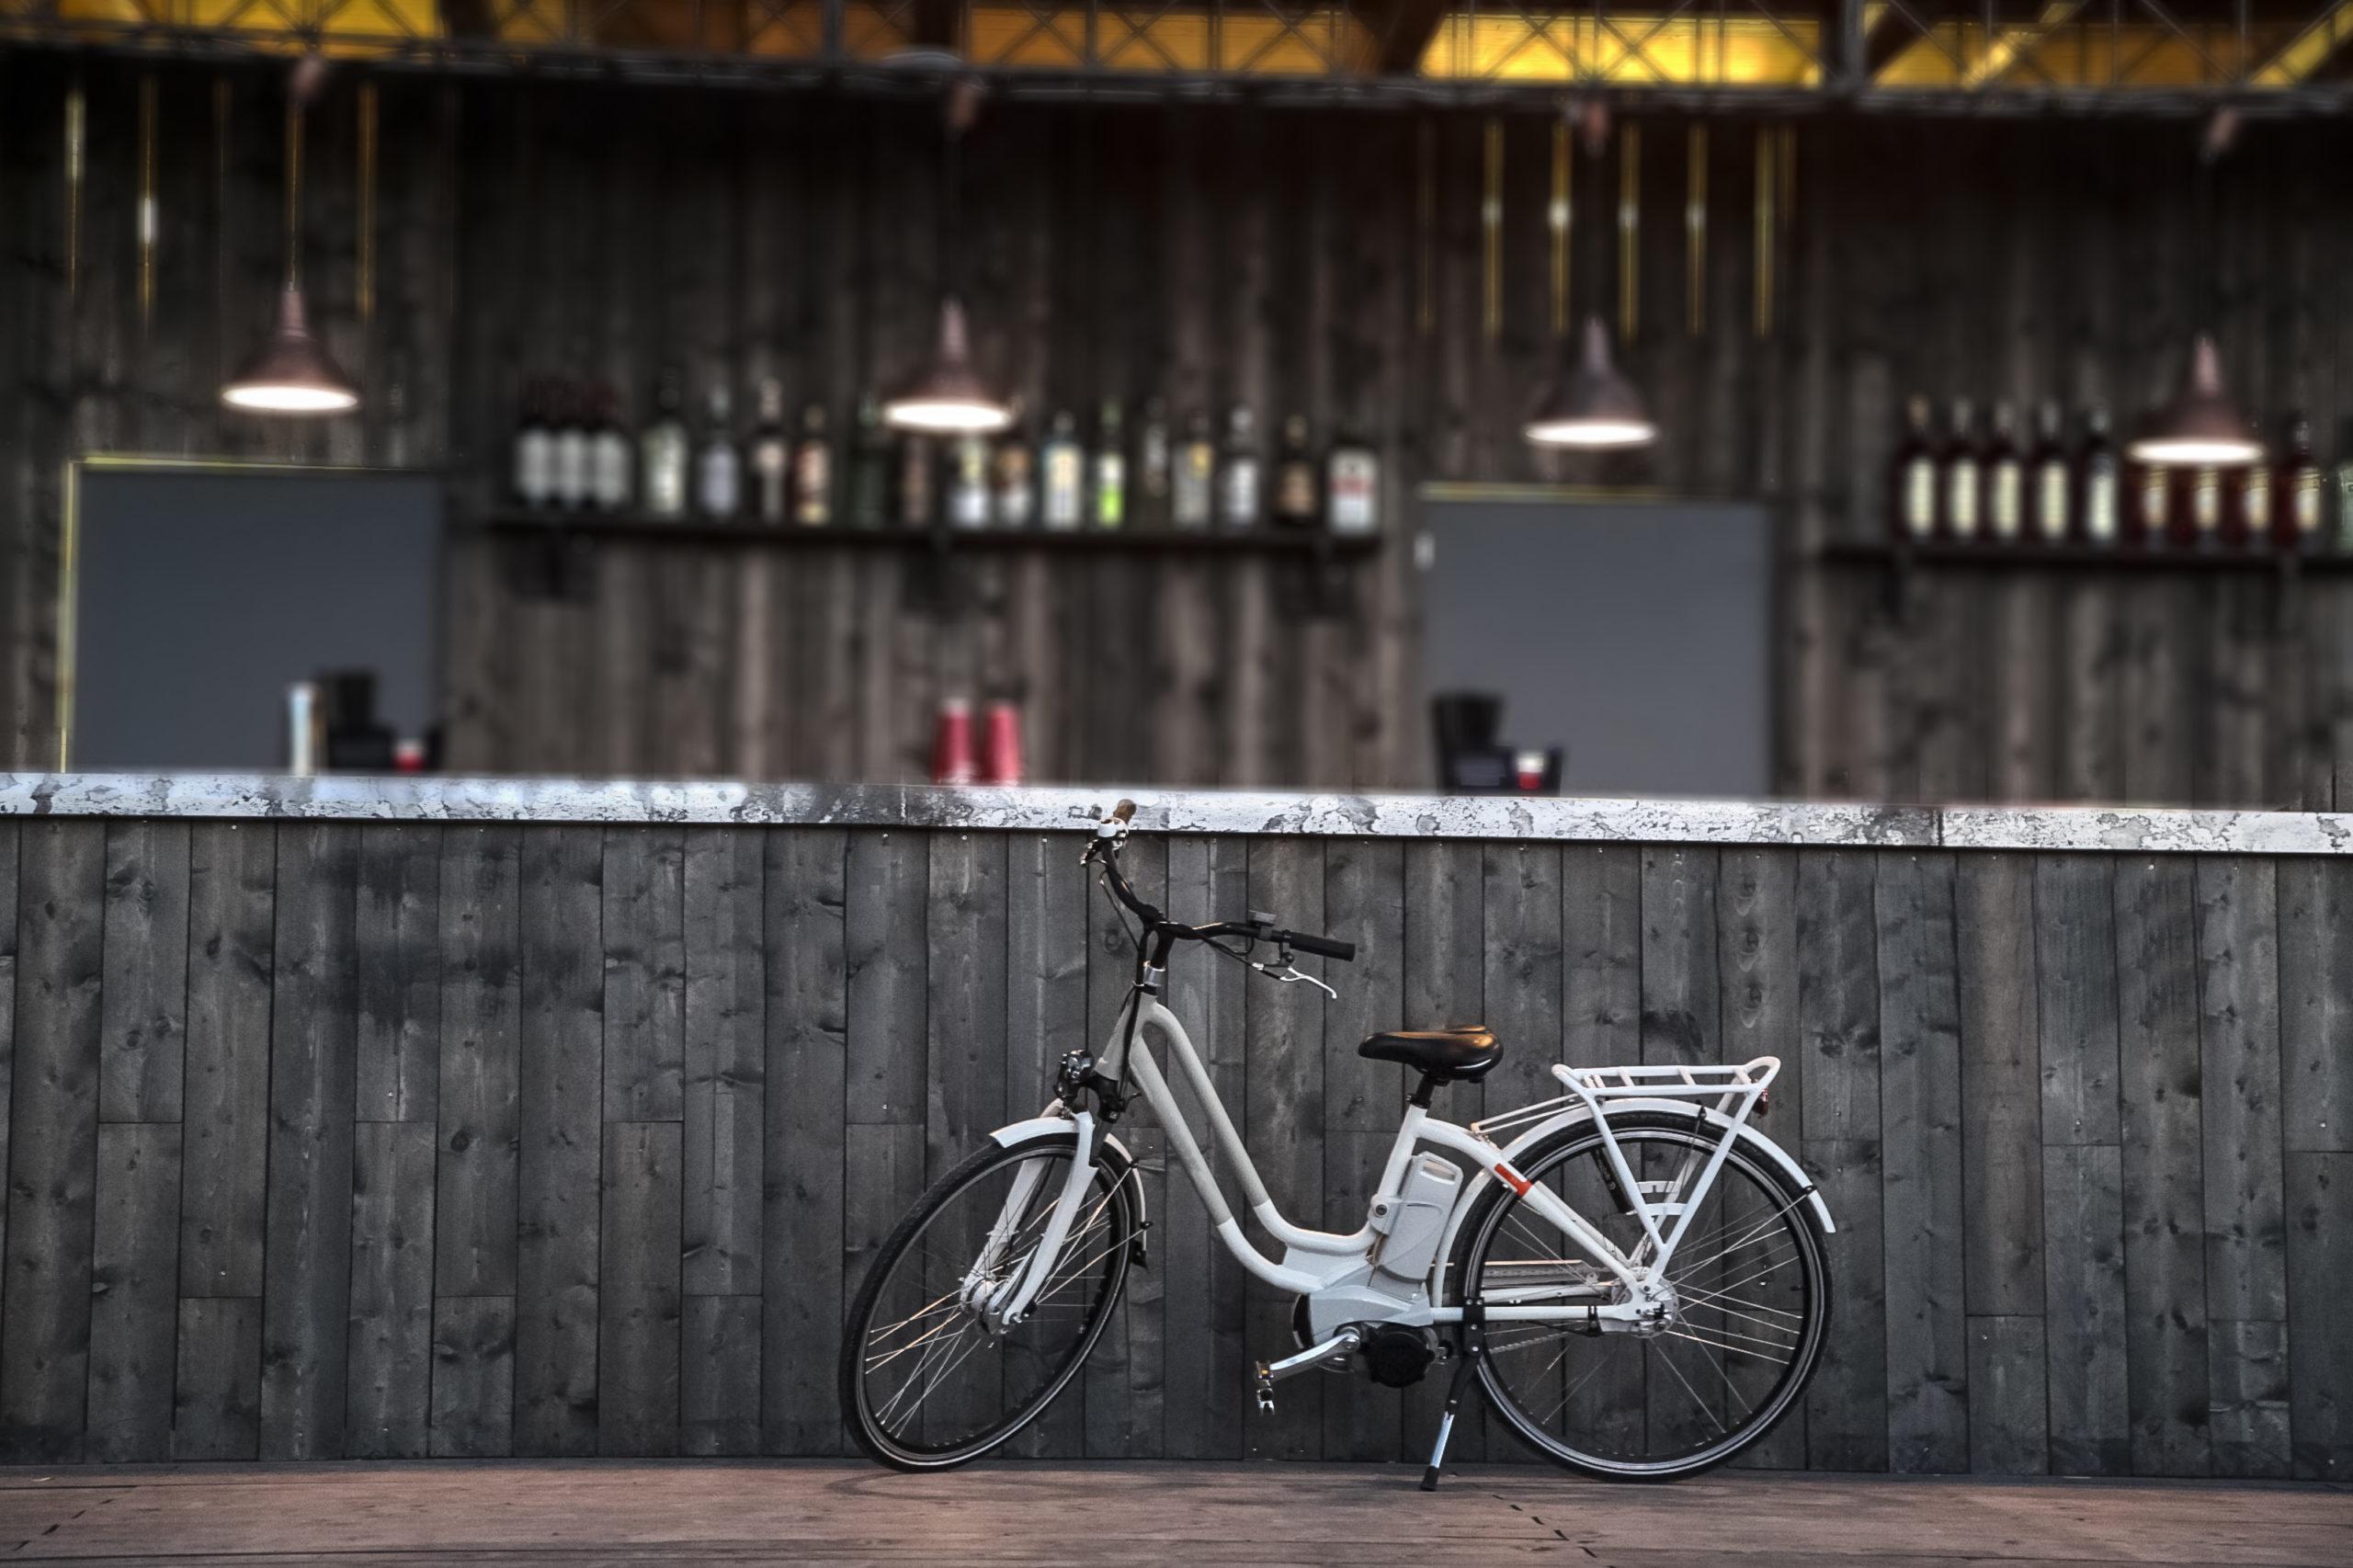 Der Preis von einem guten E-Bike